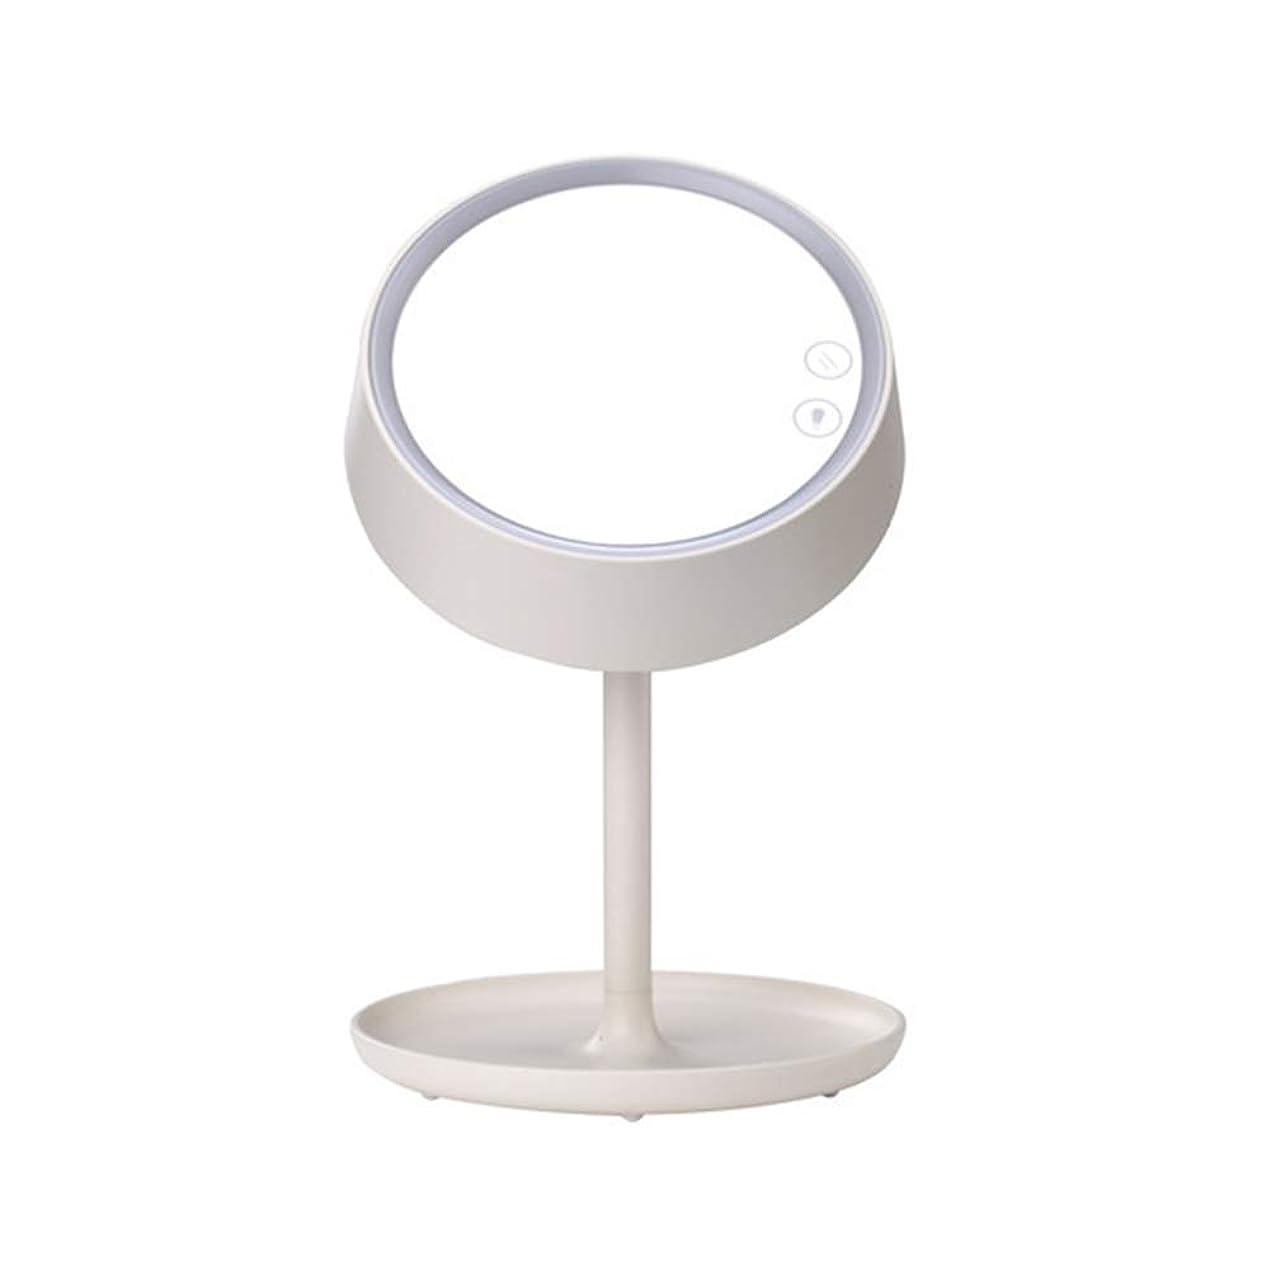 南方のアヒル二週間ライト/LED色が付いている虚栄心ミラーは接触薄暗く、USBの充満が付いているミラー/照らされた卓上の化粧品ミラーをつけます,白